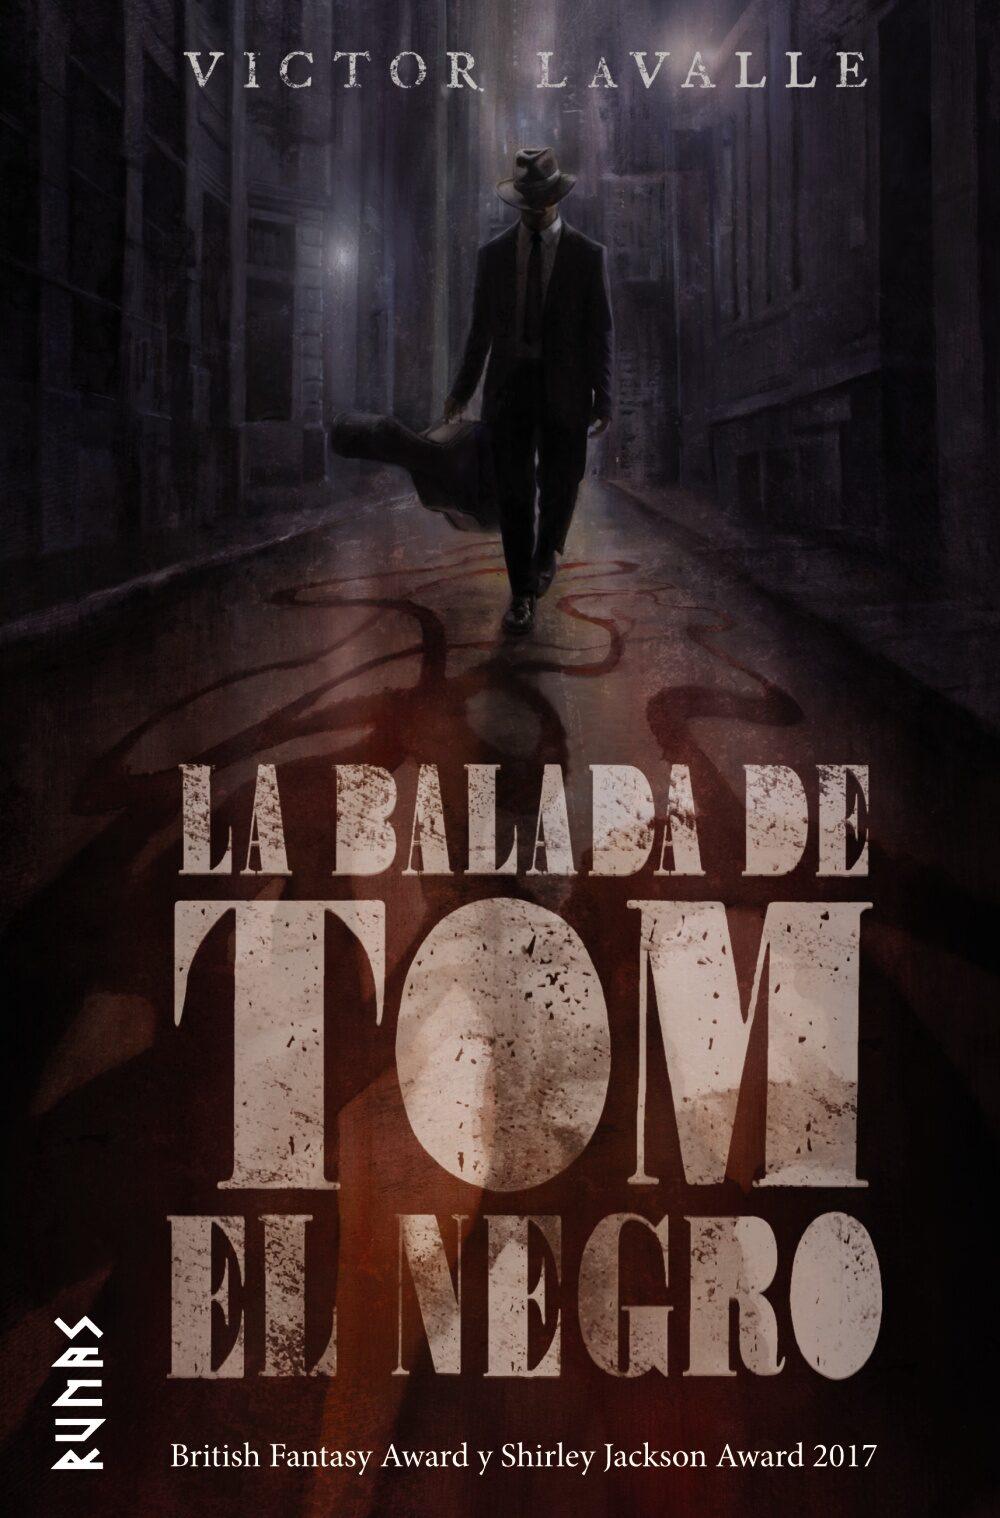 La Balada De Tom El Negro por Victor La Valle